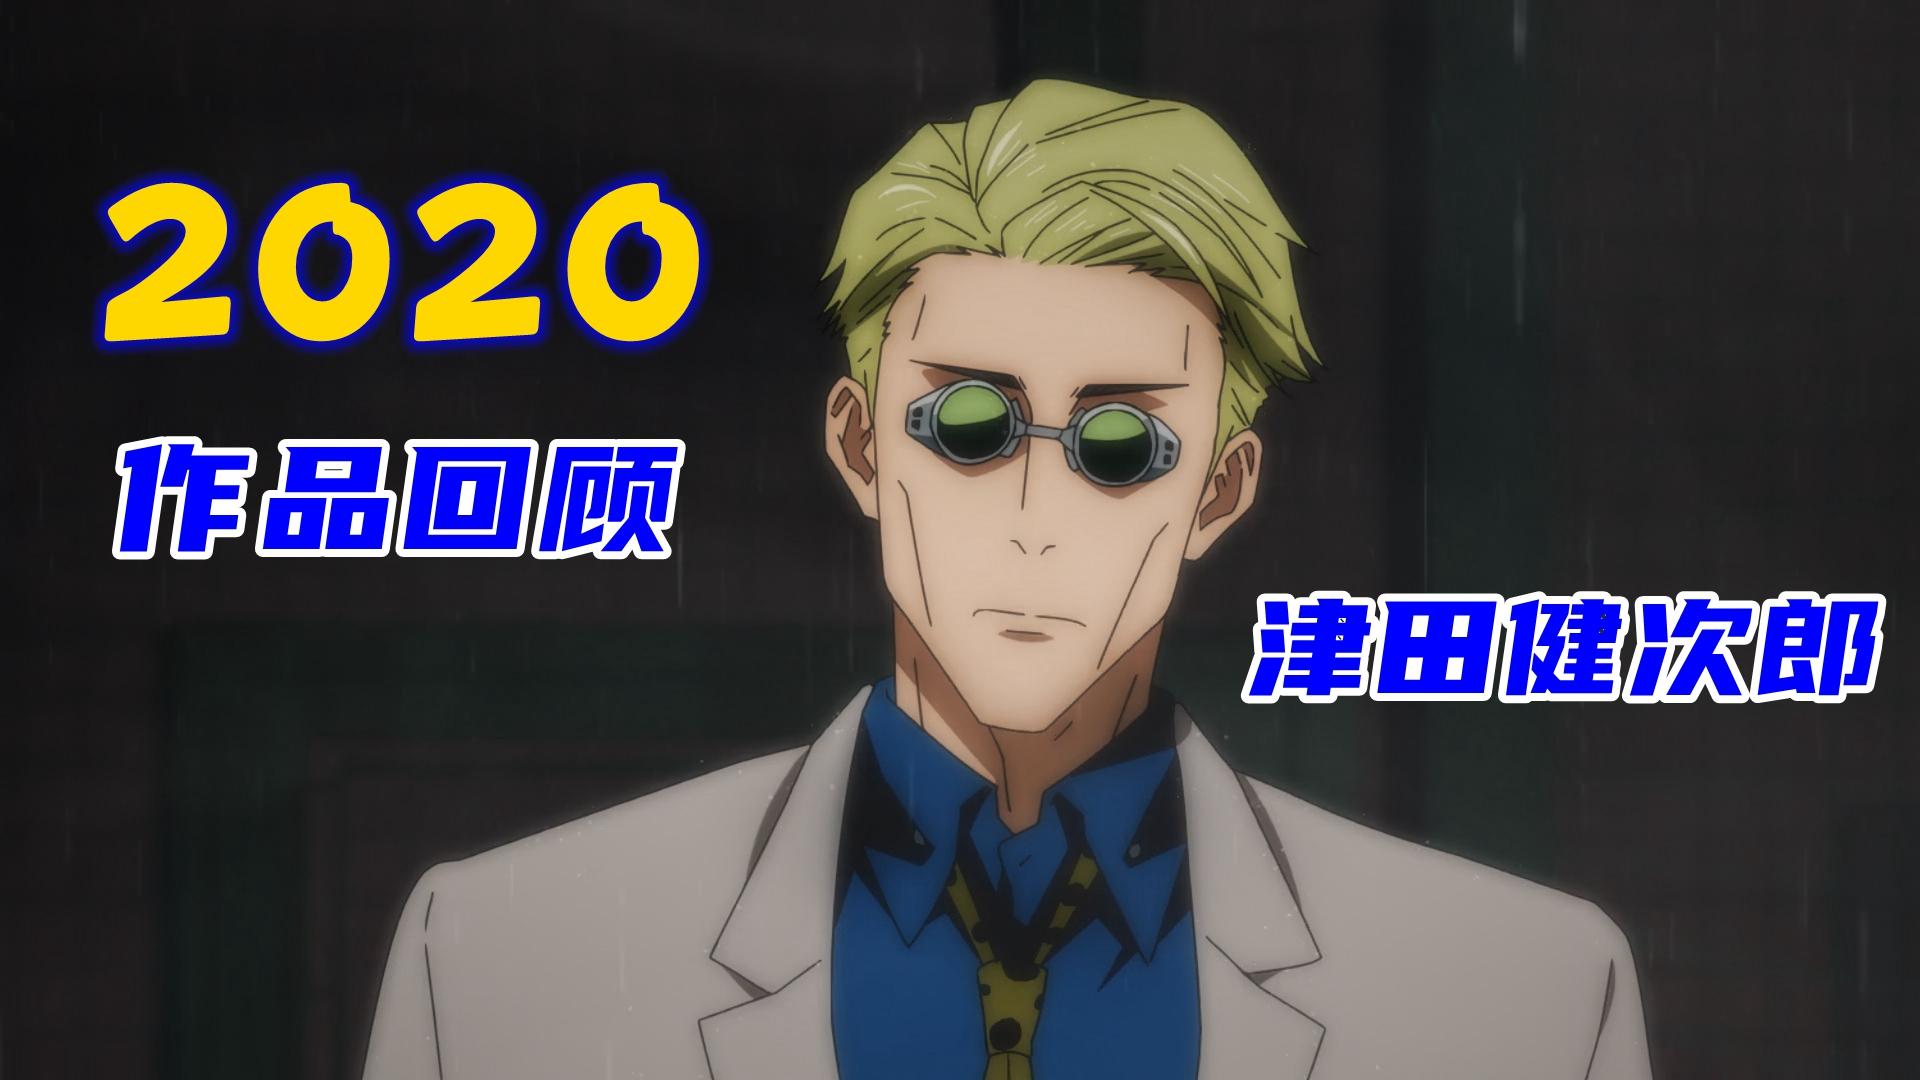 【津田健次郎】2020年作品狂轰乱炸式回顾